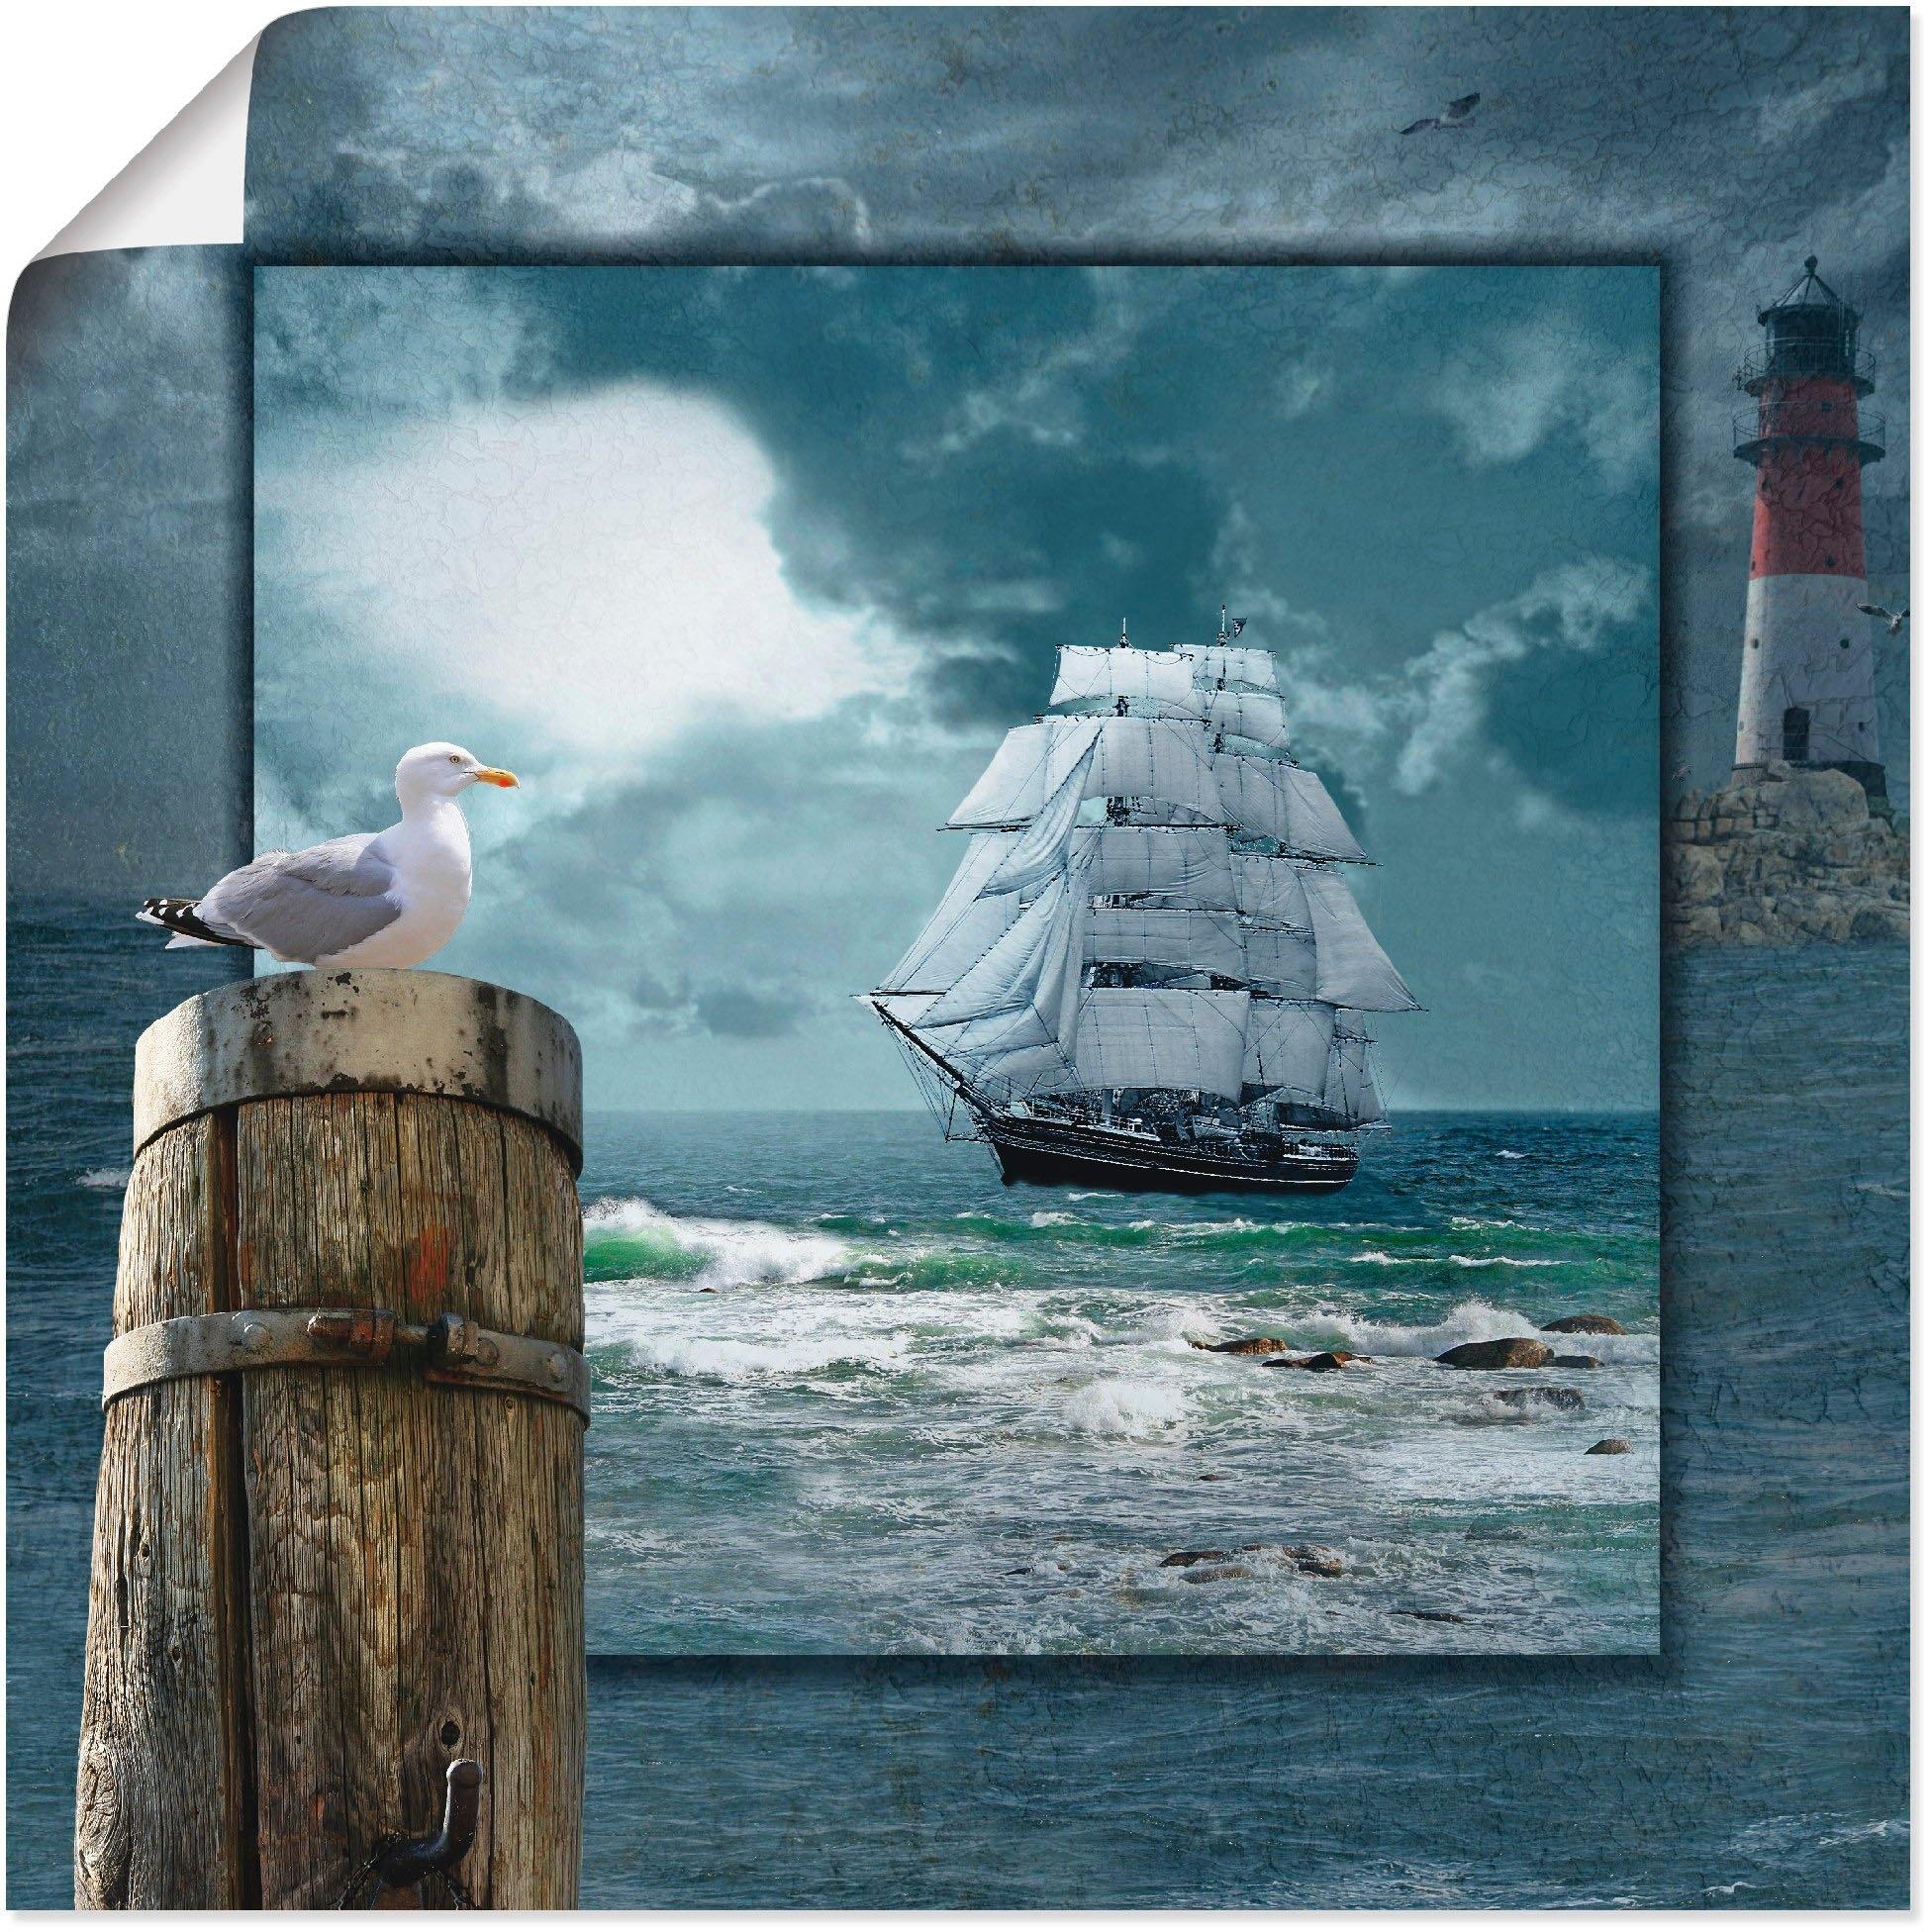 Op zoek naar een Artland artprint Maritieme collage met zeilschip in vele afmetingen & productsoorten -artprint op linnen, poster, muursticker / wandfolie ook geschikt voor de badkamer (1 stuk)? Koop online bij OTTO